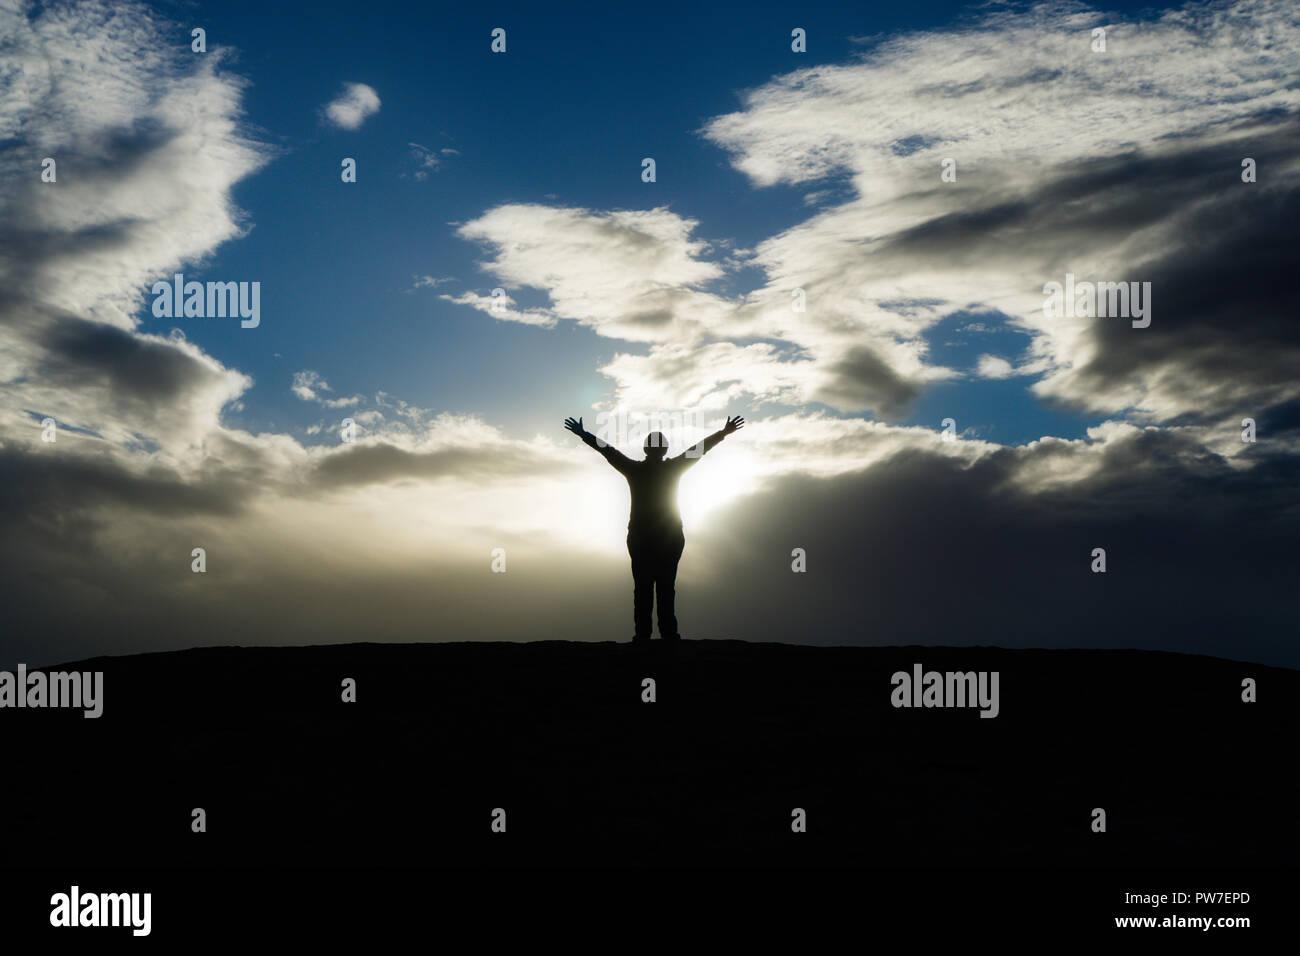 Silueta de persona de pie con los brazos como Sun rompe a través de las nubes. Imagen De Stock